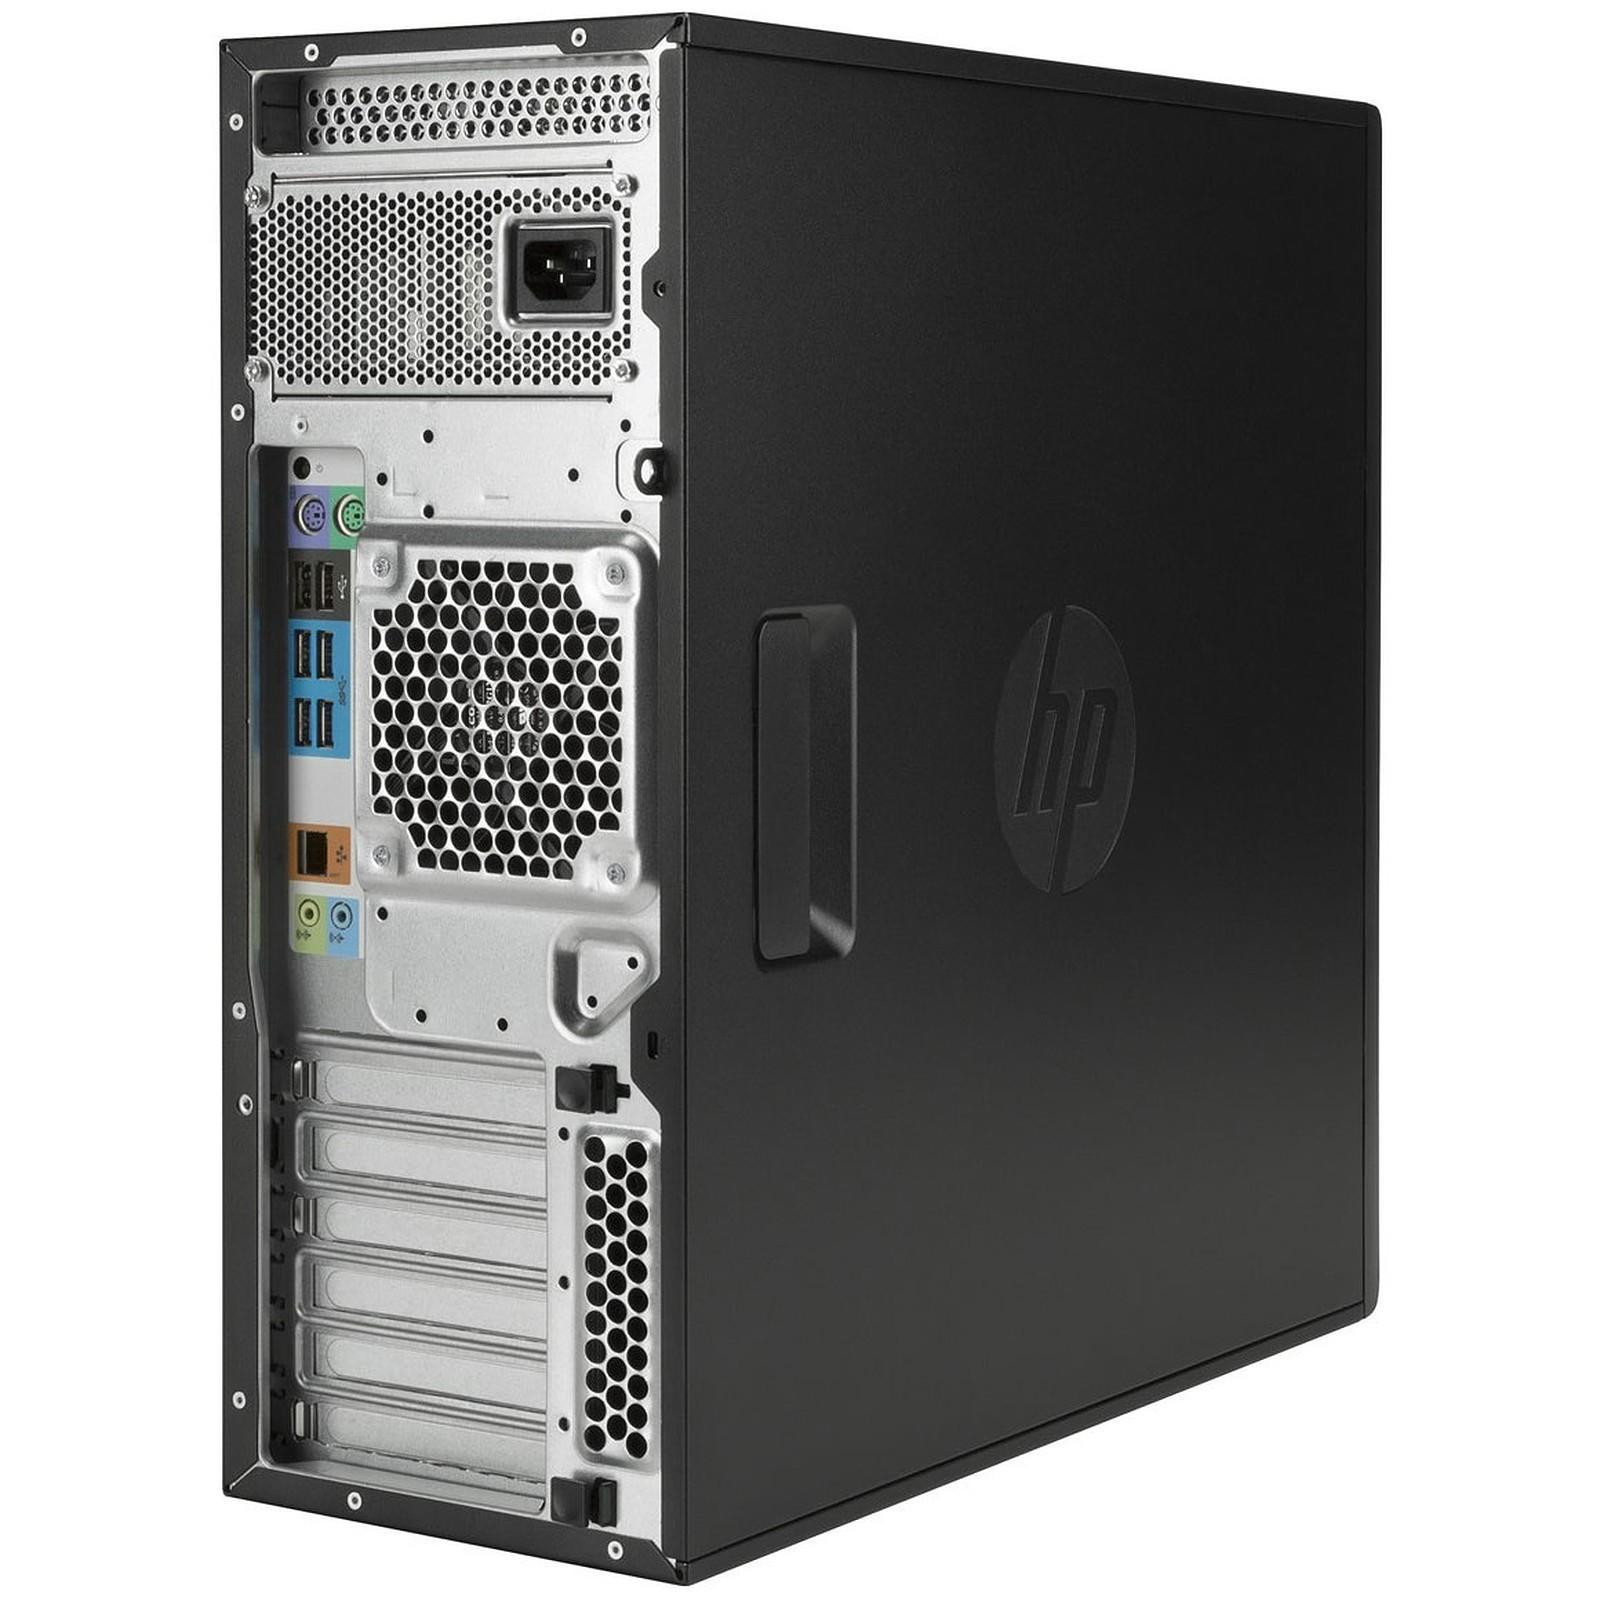 HP Z440 Xeon E5 3,6 GHz - HDD 1 TB RAM 16 GB